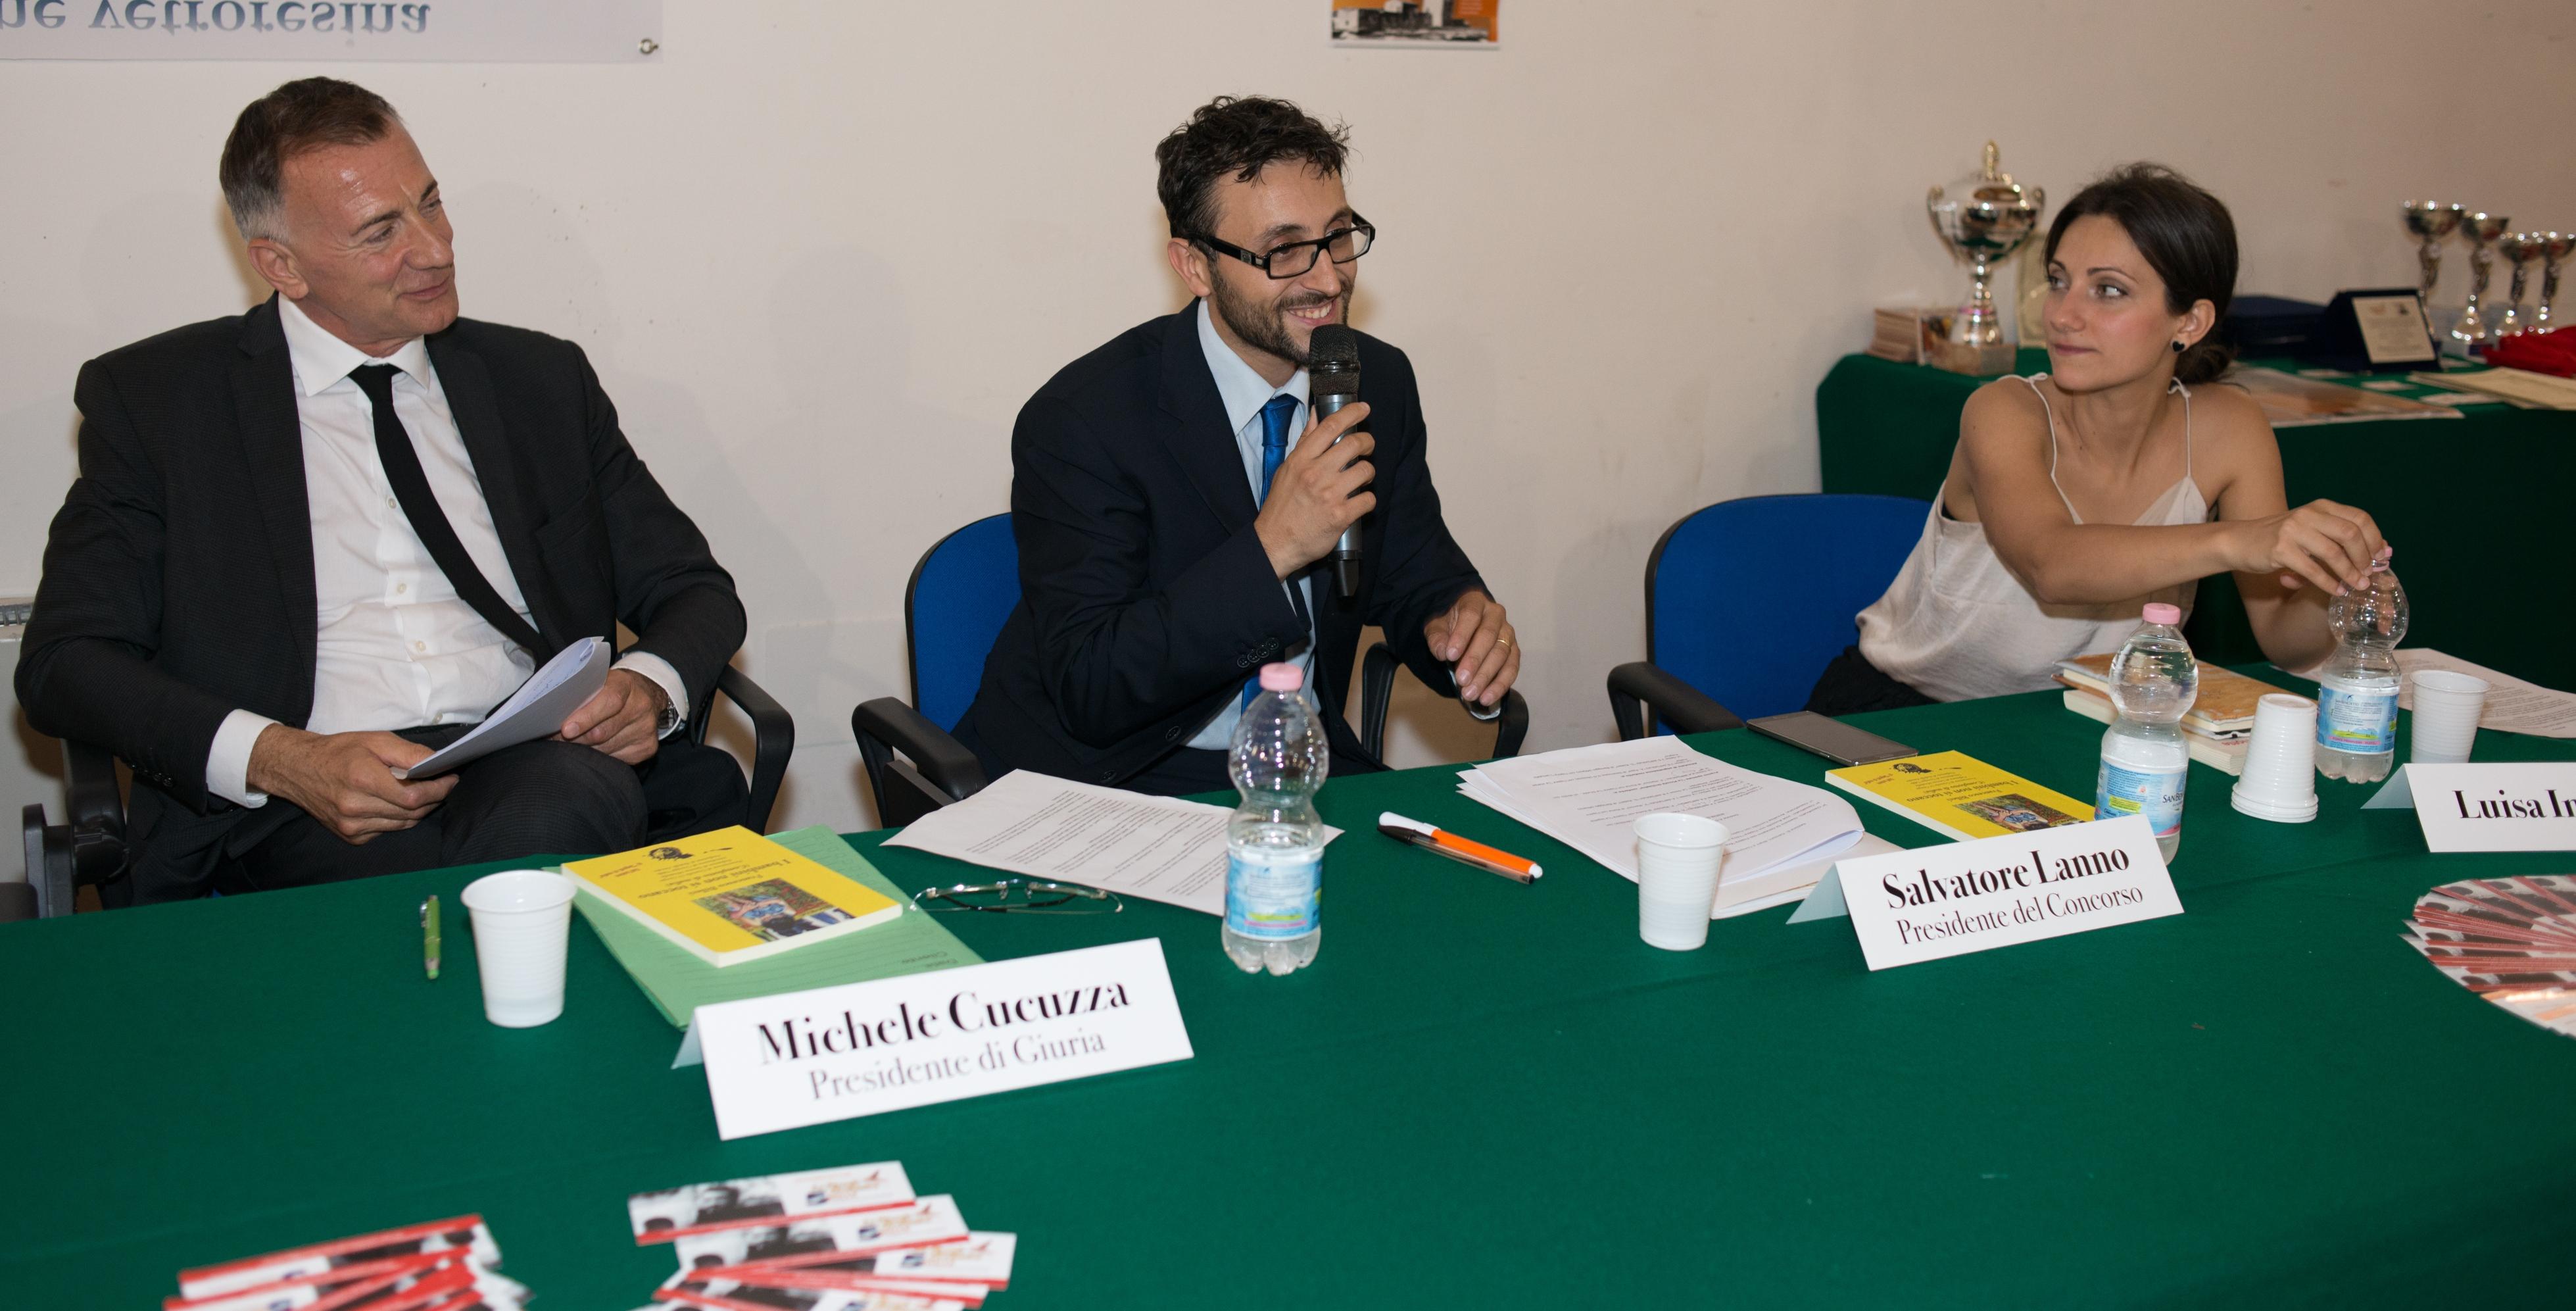 Michele Cucuzza - Salvatore Lanno - Luisa Impastato 1^ Edizione